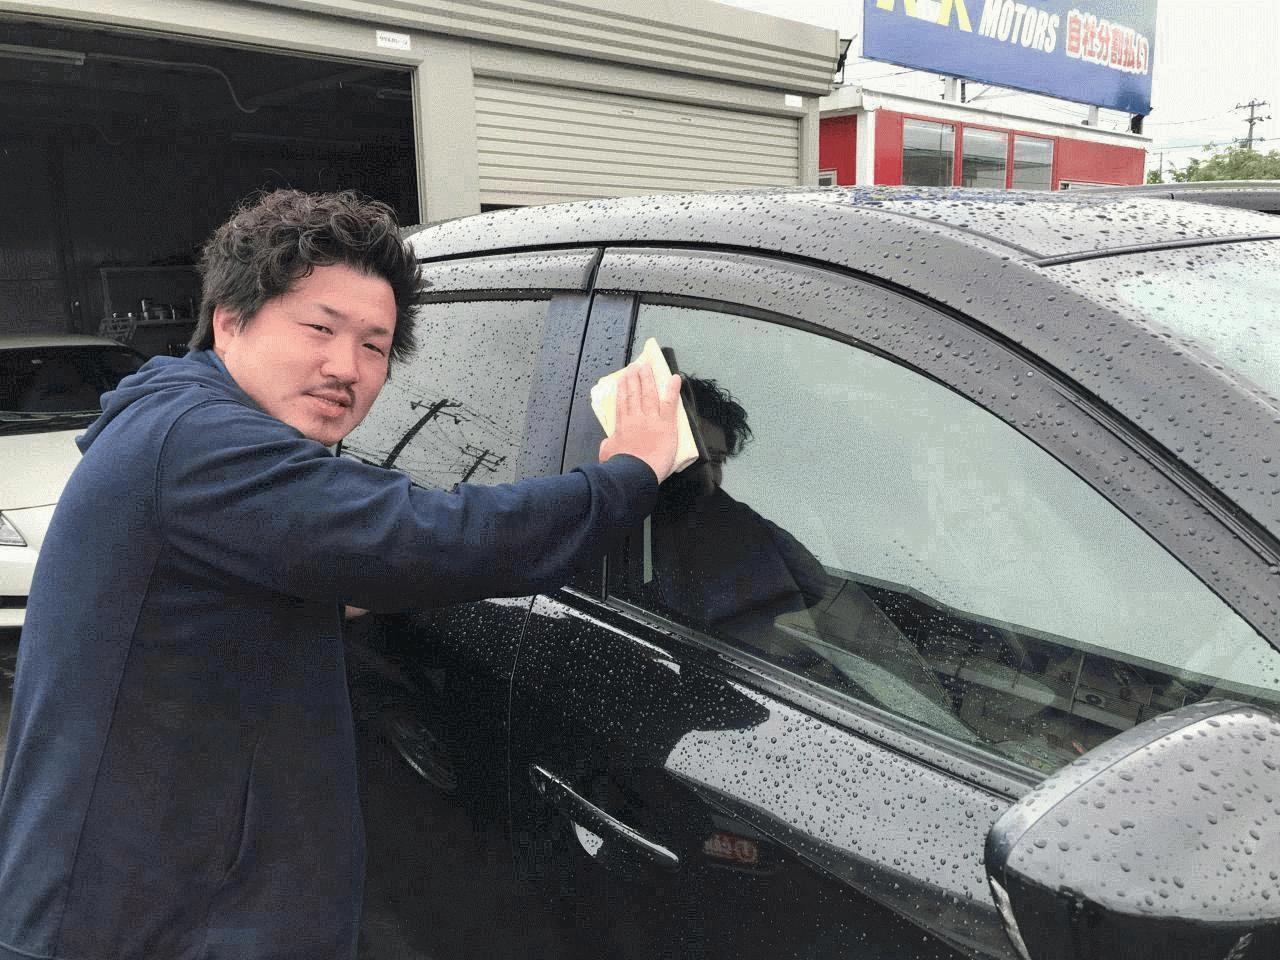 当店の展示車はご来店されるお客様が気持ちよくお車を選んでいただけるよう、いつも綺麗でピカピカに仕上げております。 他店と比べてみてください。きっとご満足いただける一台が見つかると思います。ご来店お待ちしております。